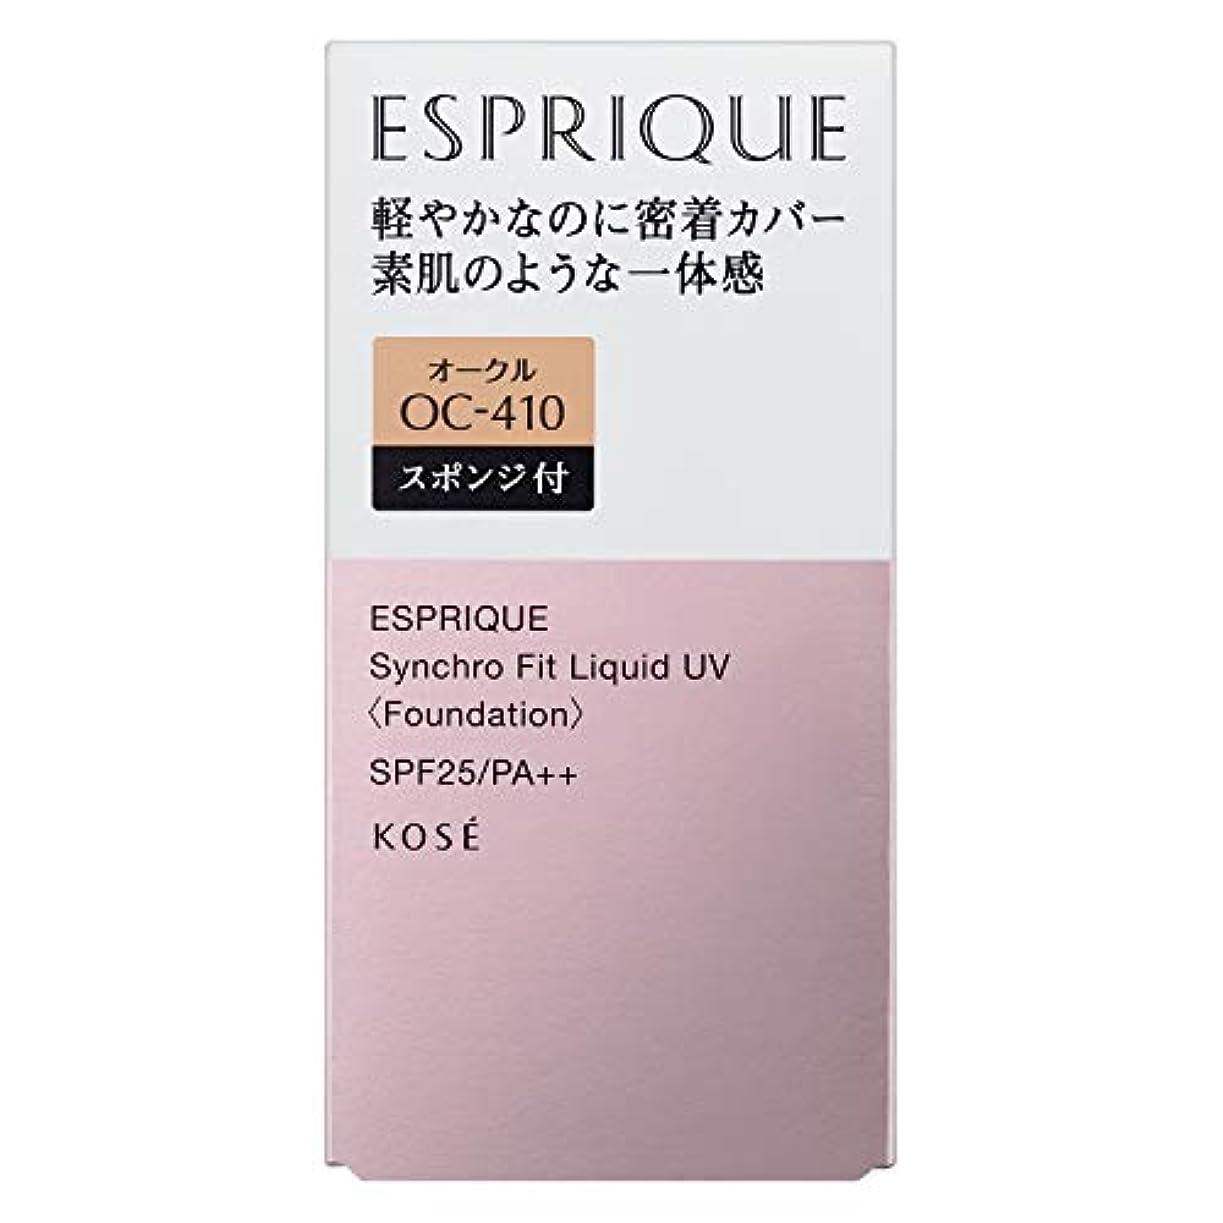 病な影のある疑わしいESPRIQUE(エスプリーク) エスプリーク シンクロフィット リキッド UV ファンデーション 無香料 OC-410 オークル 30g